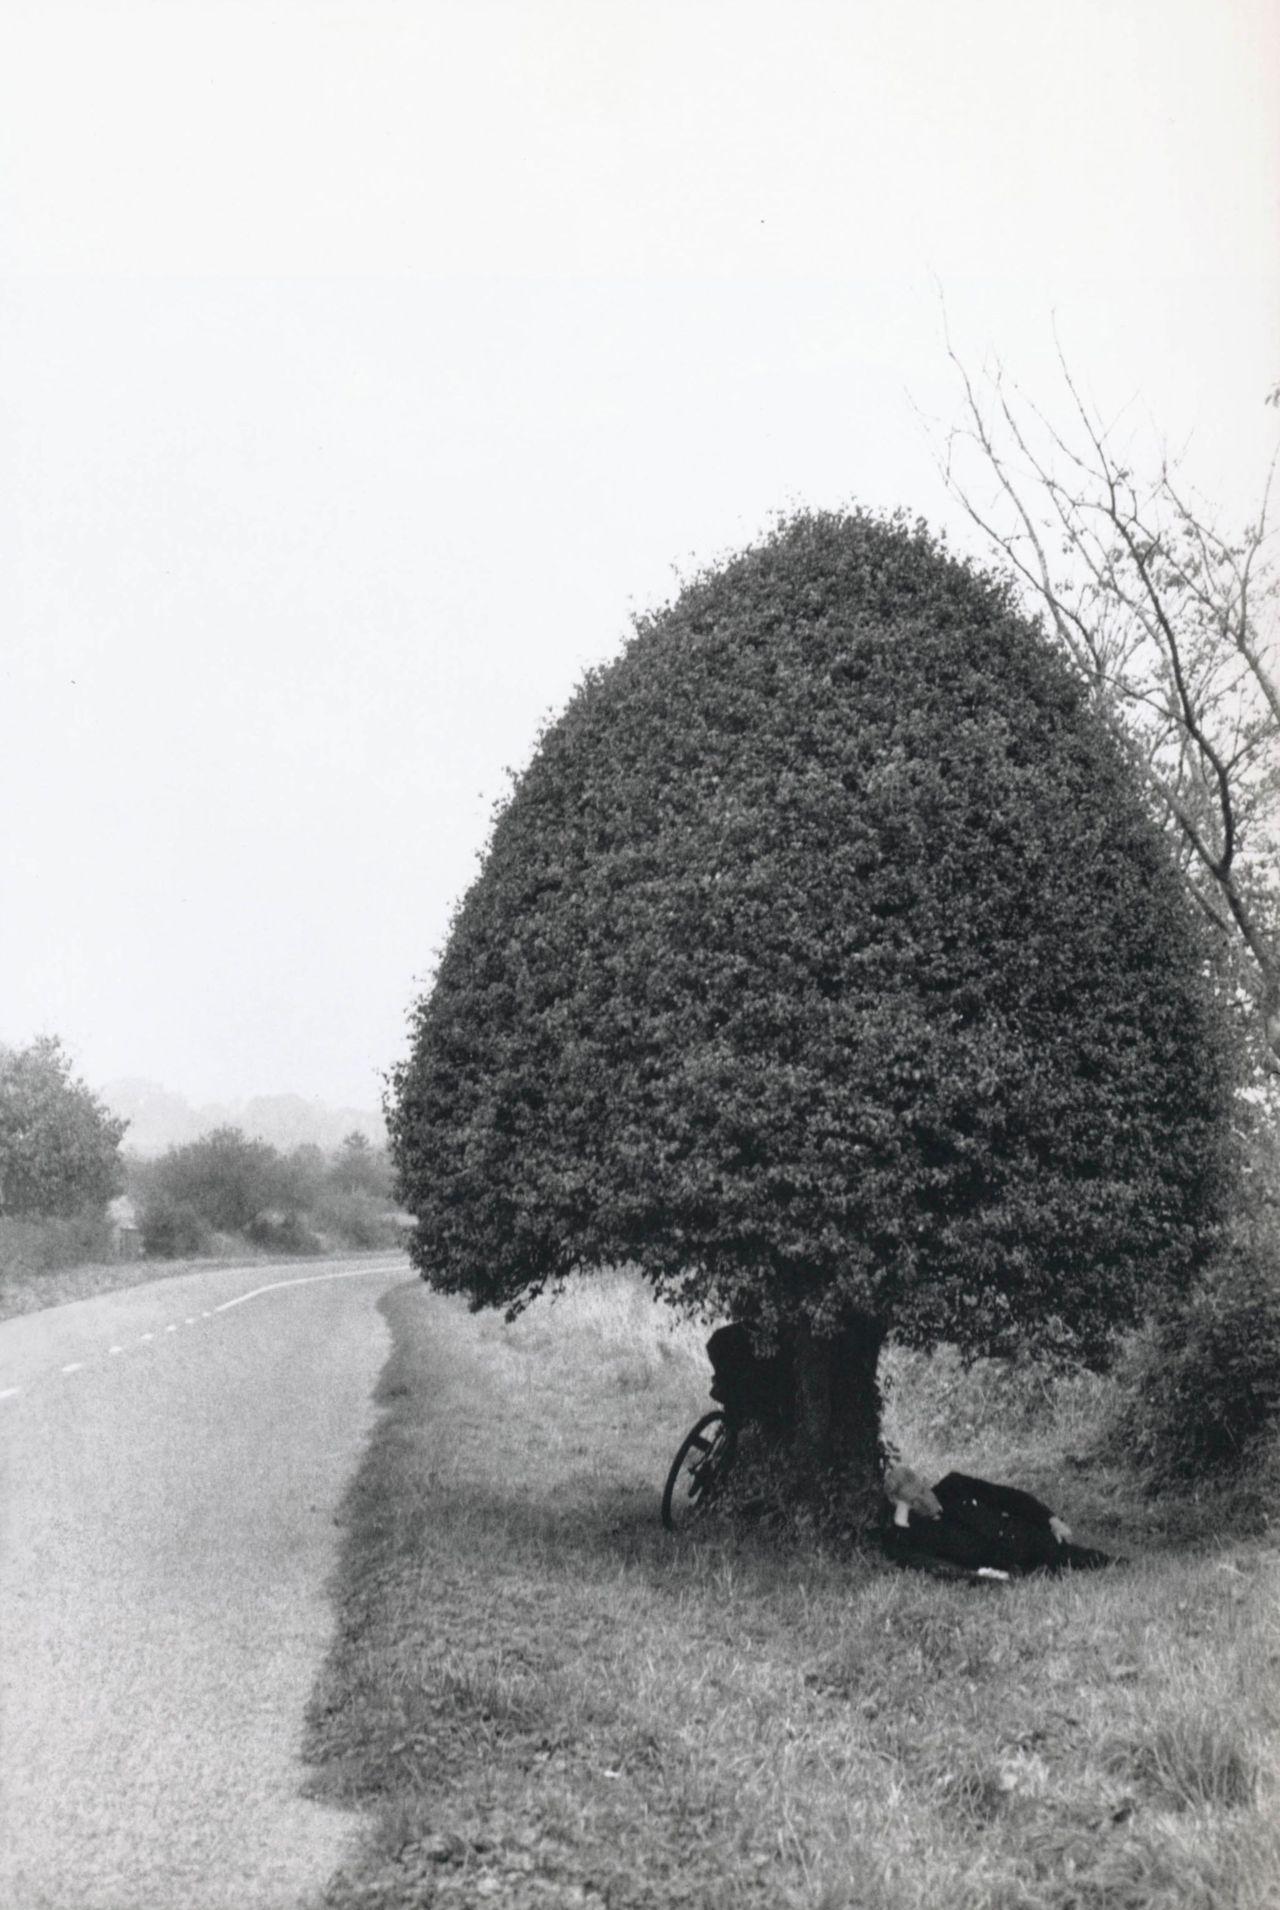 διασημότητα δέντρο dating ο Τζάστιν Μπίμπερ που χρονολογείται ποιος 2016